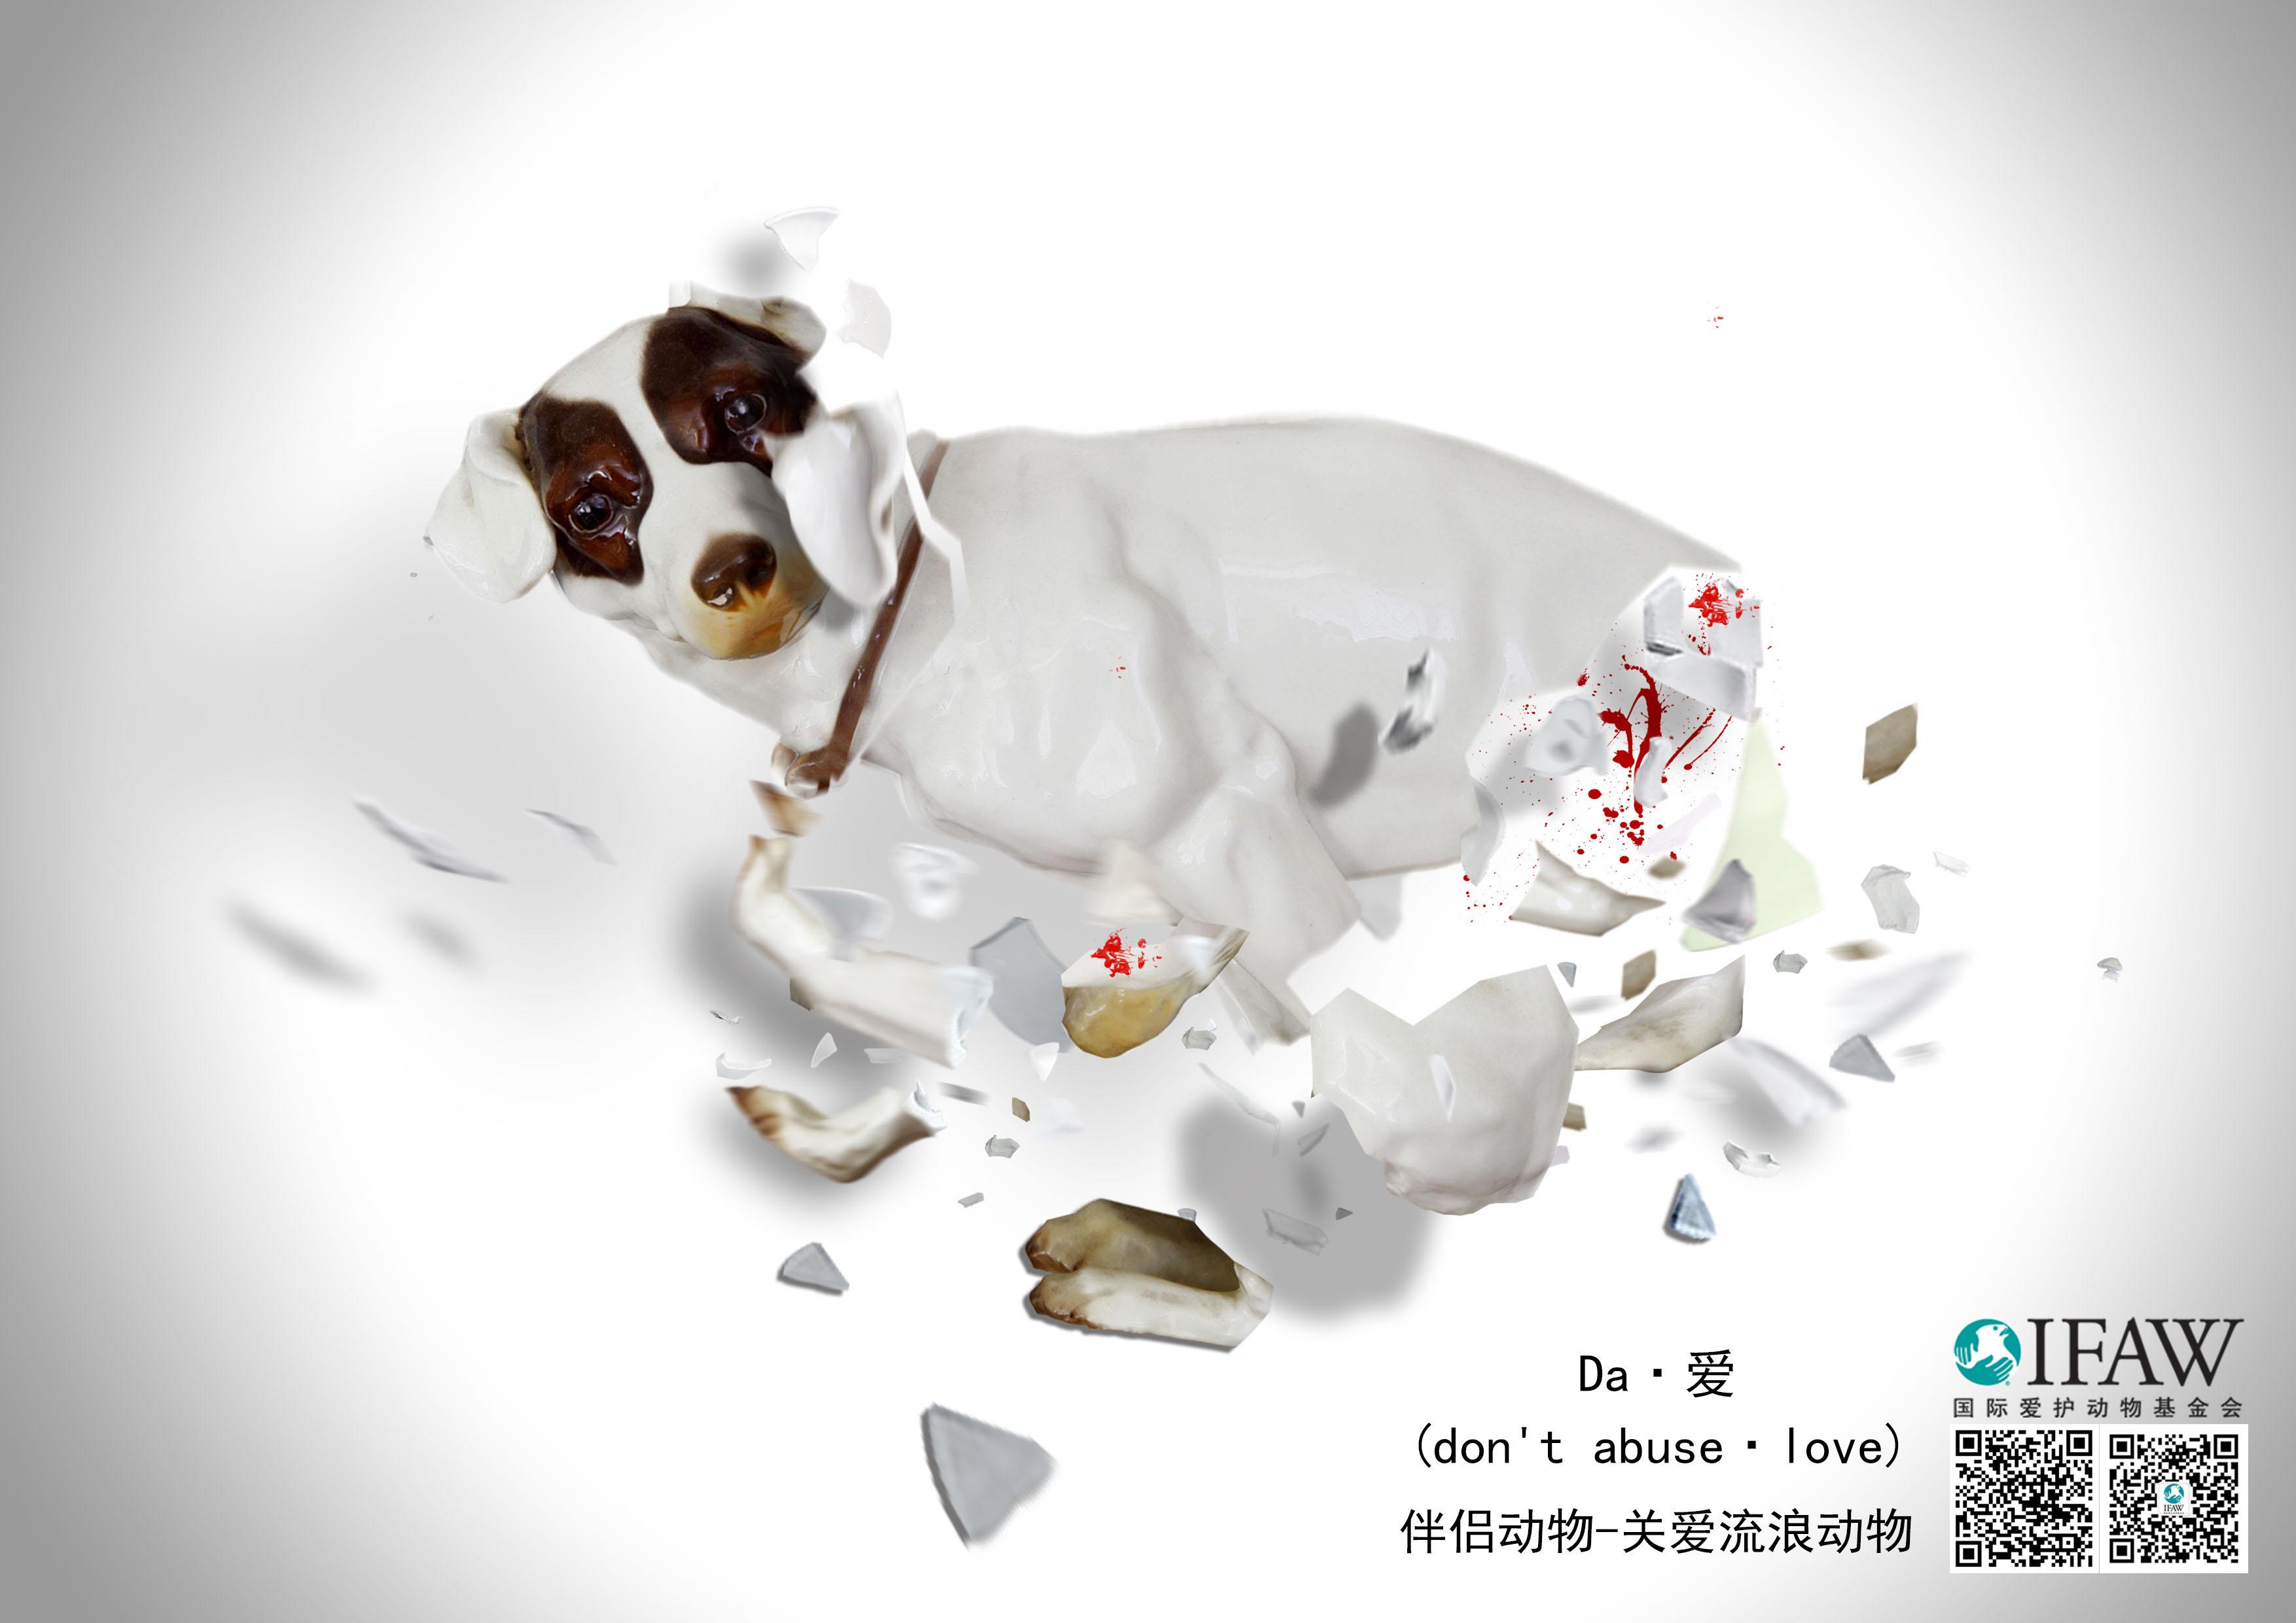 关爱伴侣动物海报